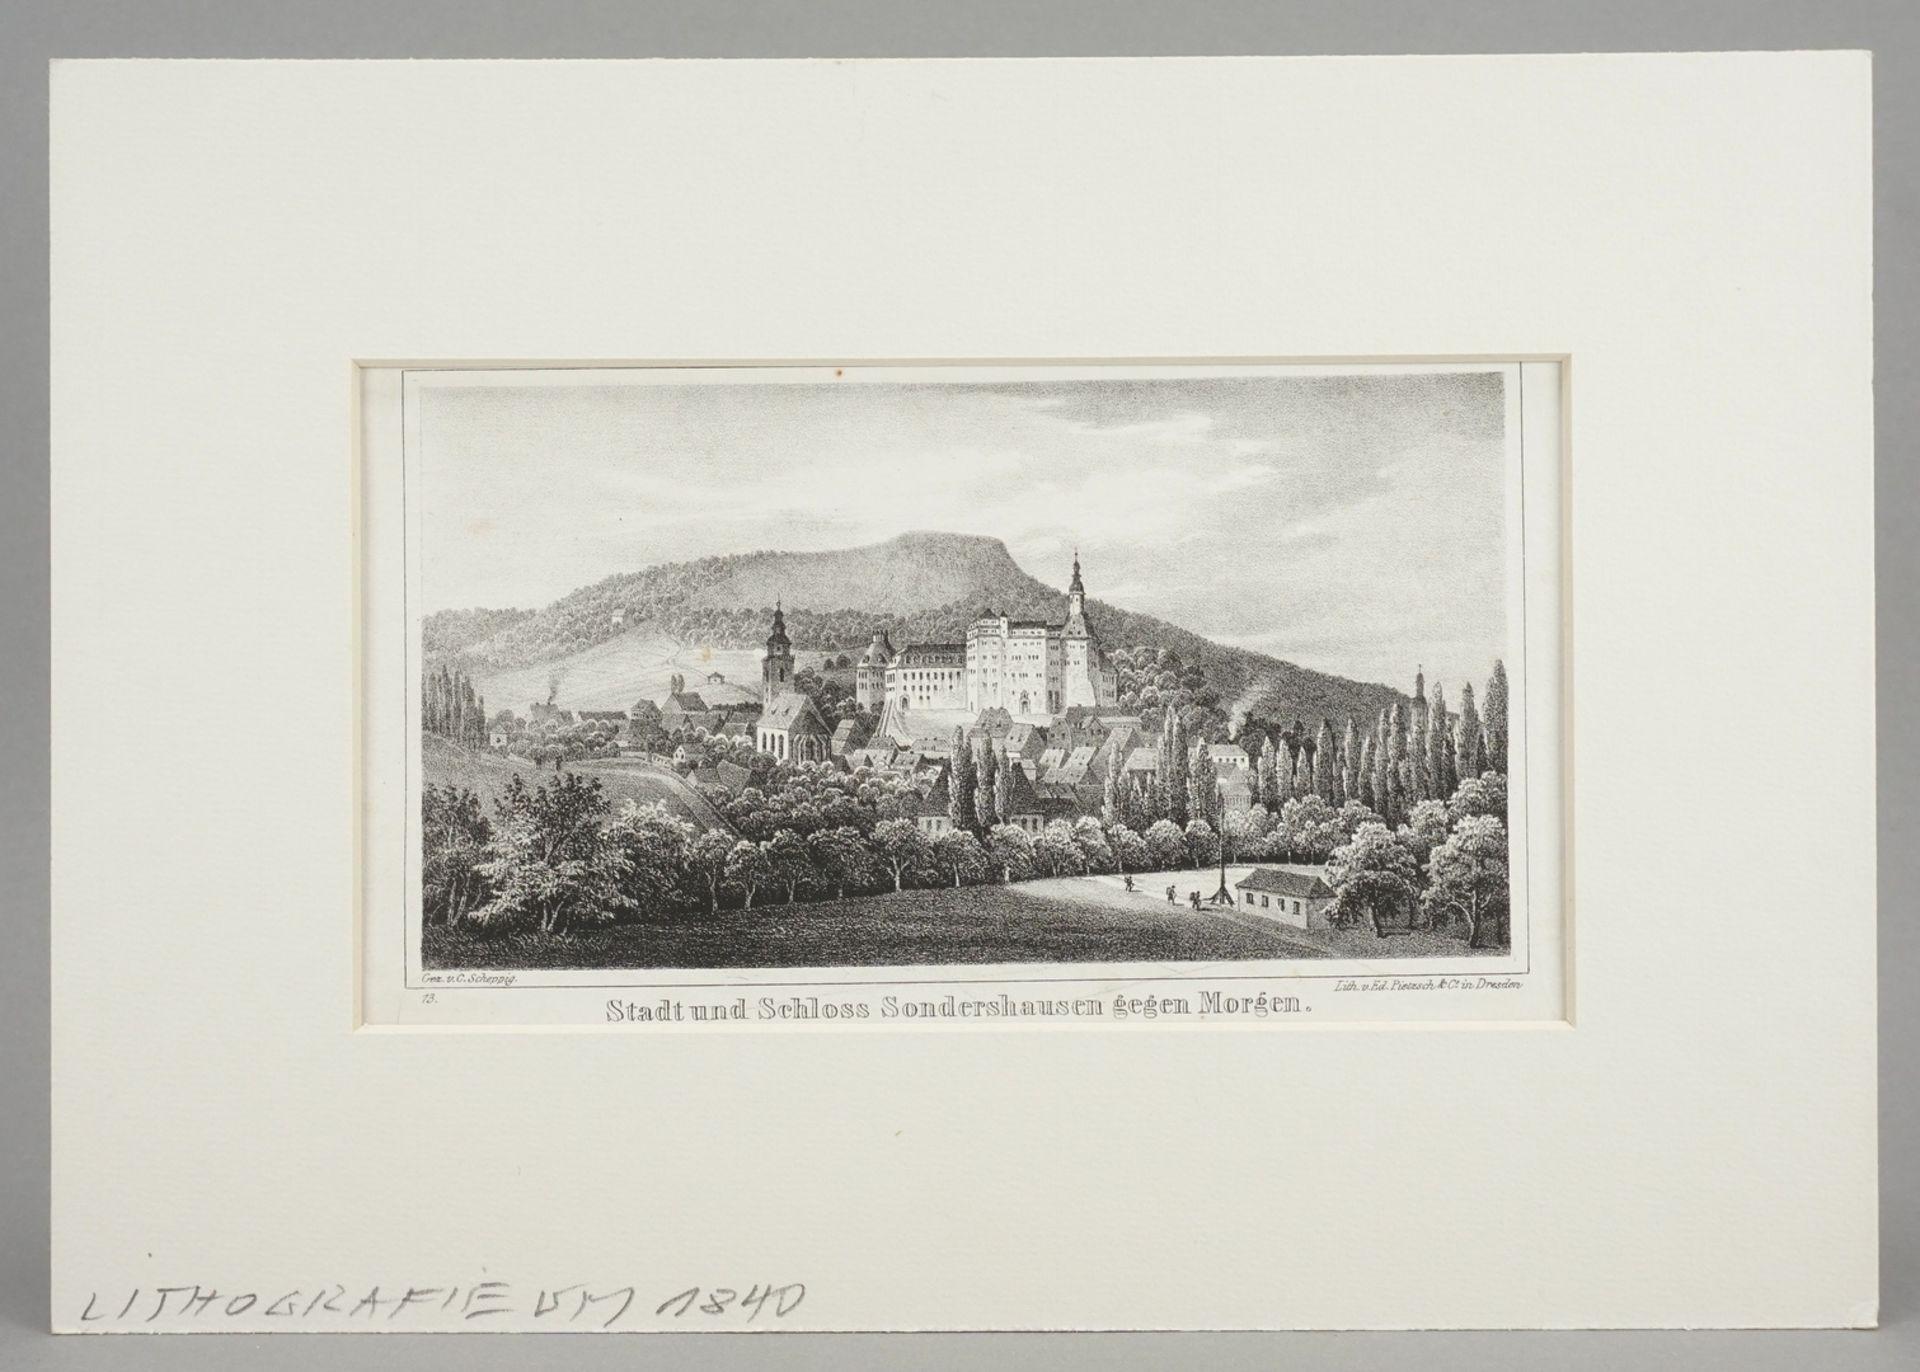 Stadt und Schloss Sondershausen gegen Morgen - Bild 2 aus 3